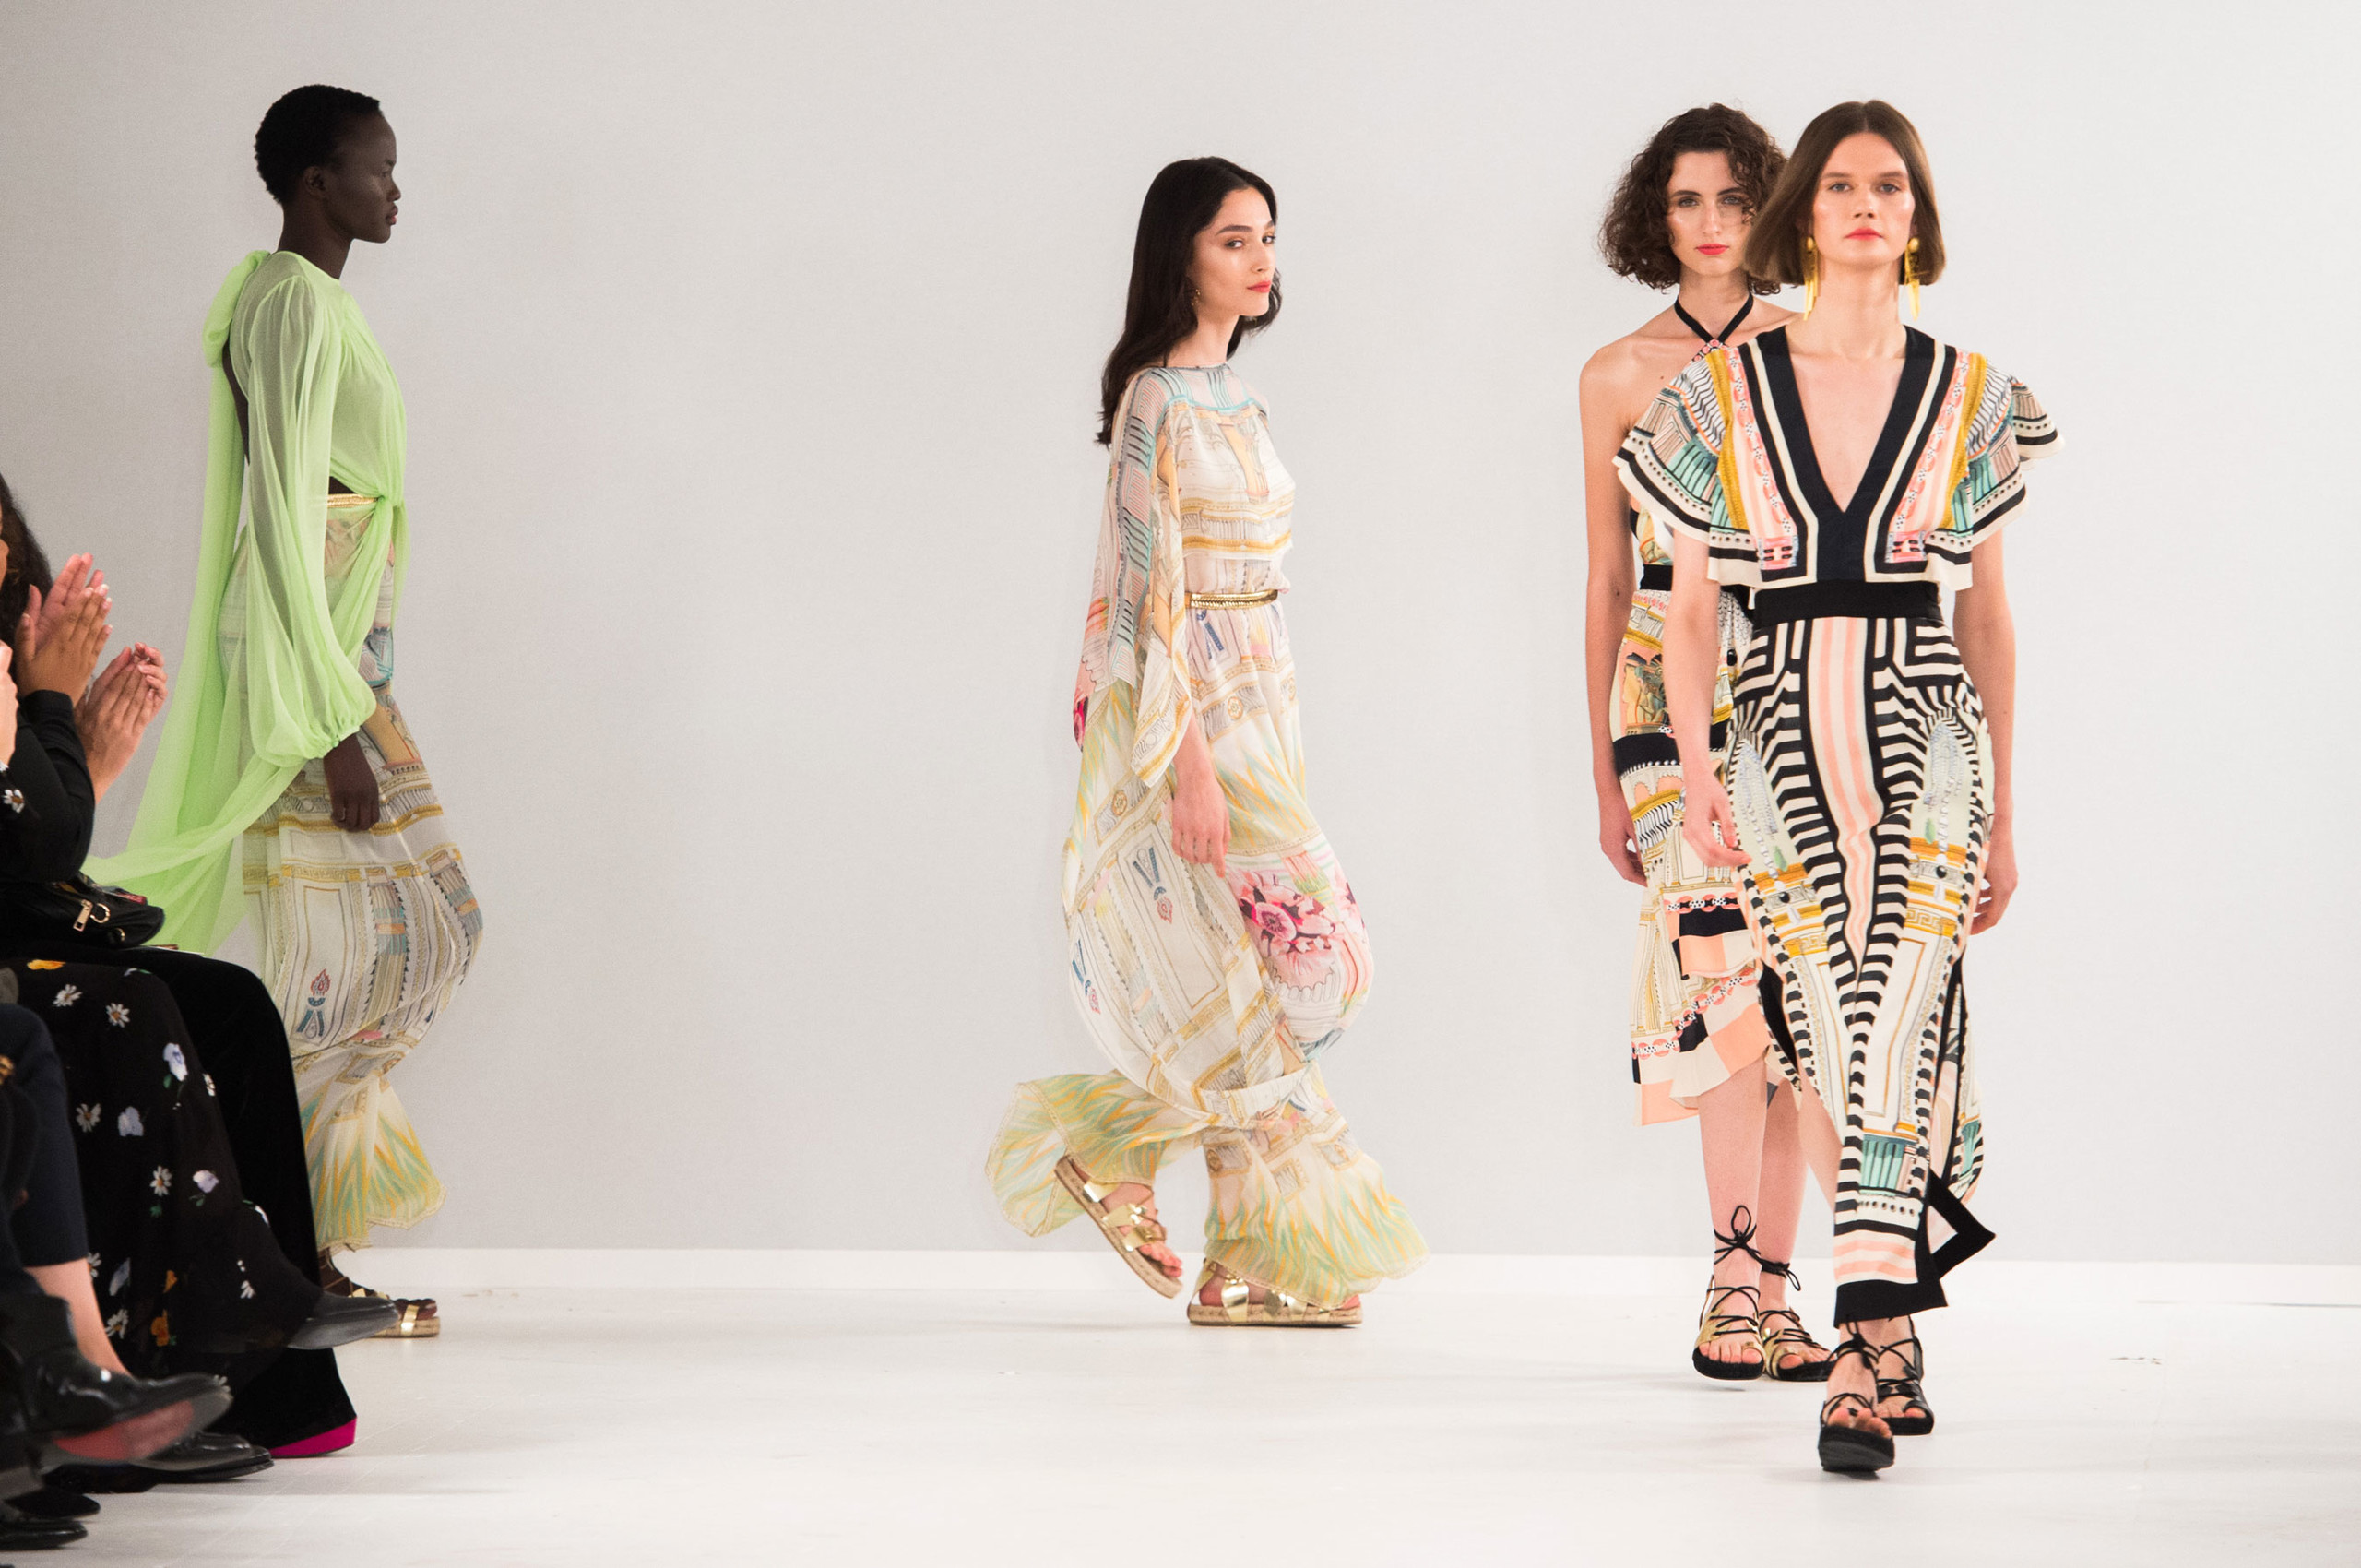 e8f1e1a158 Tenemos el mejor resumen de la Semana de la Moda de Londres  Primavera-Verano 2019 y está lleno de looks maravillosos